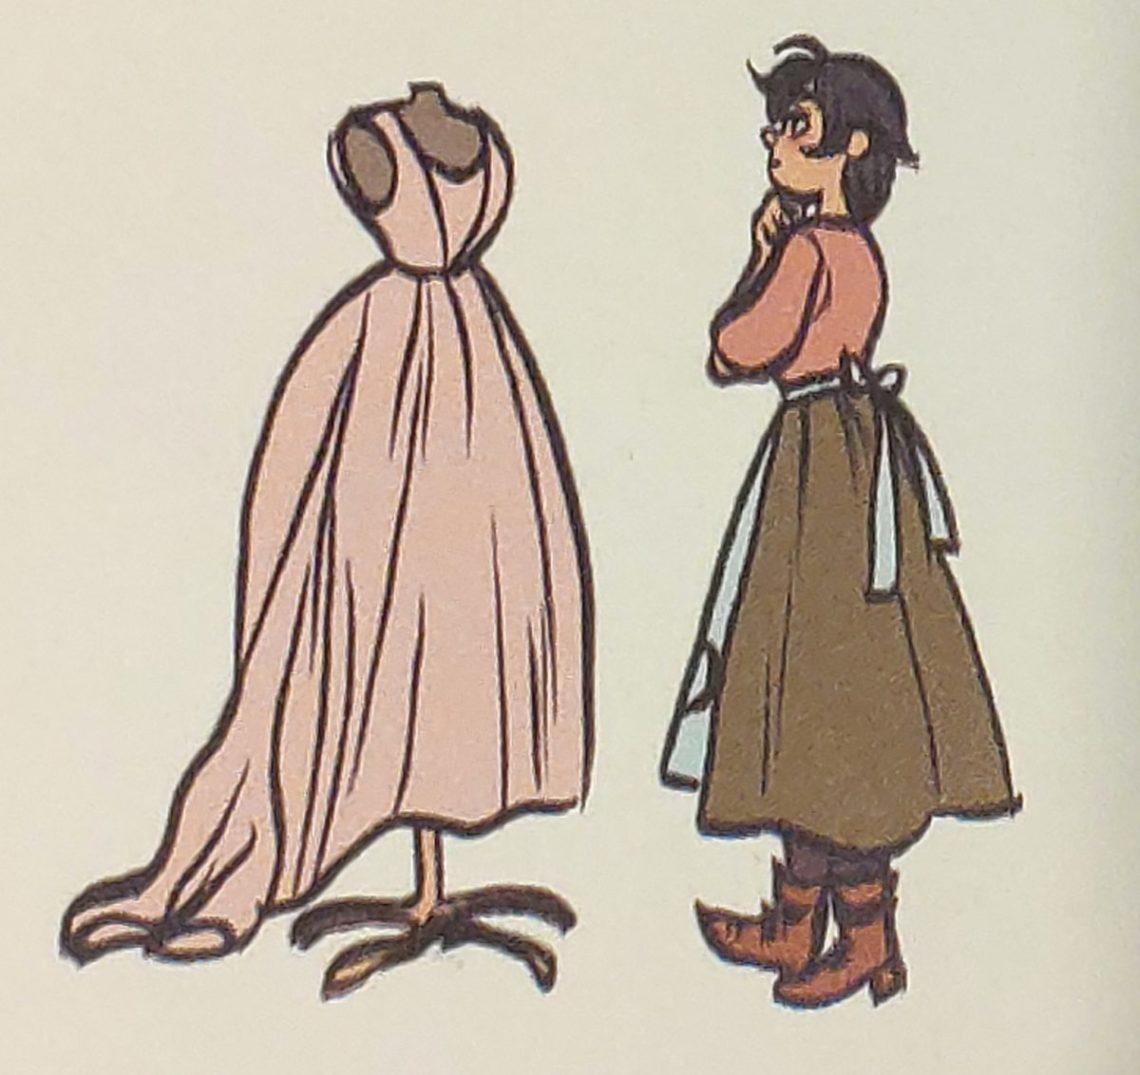 Mio caro fumetto... - Frances e un modello sul manichino